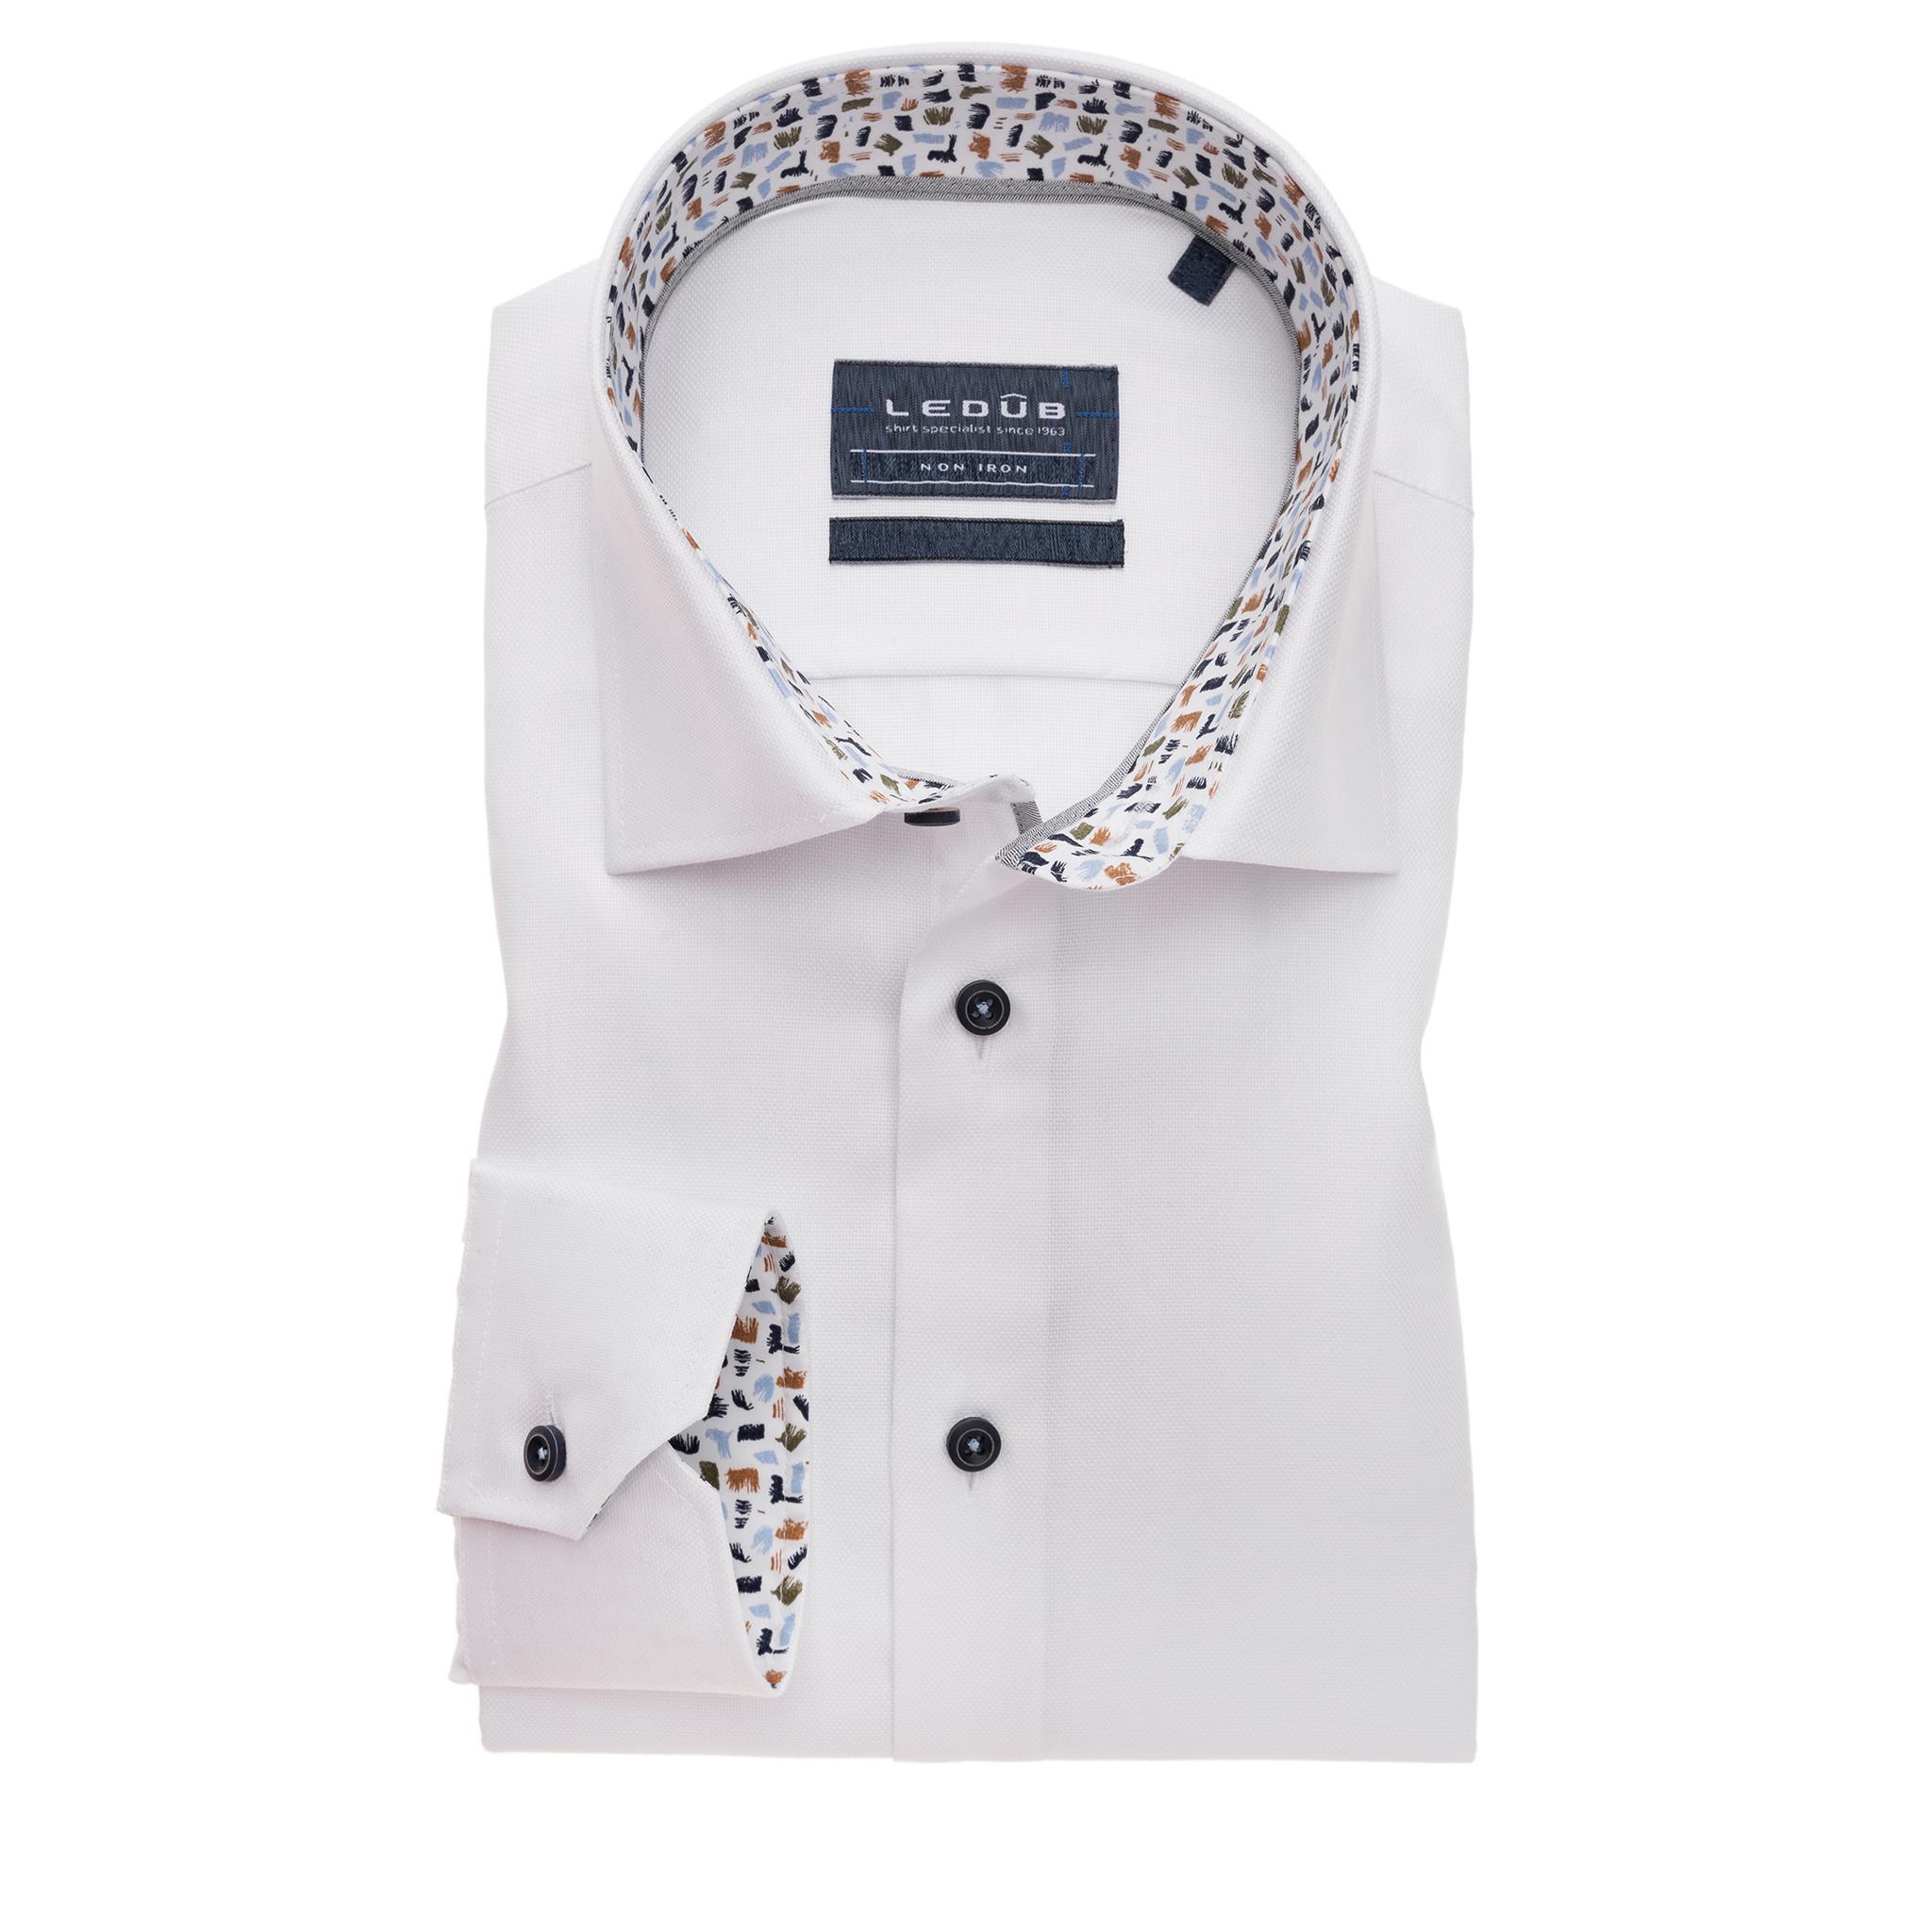 Overhemd 0139299-910-1